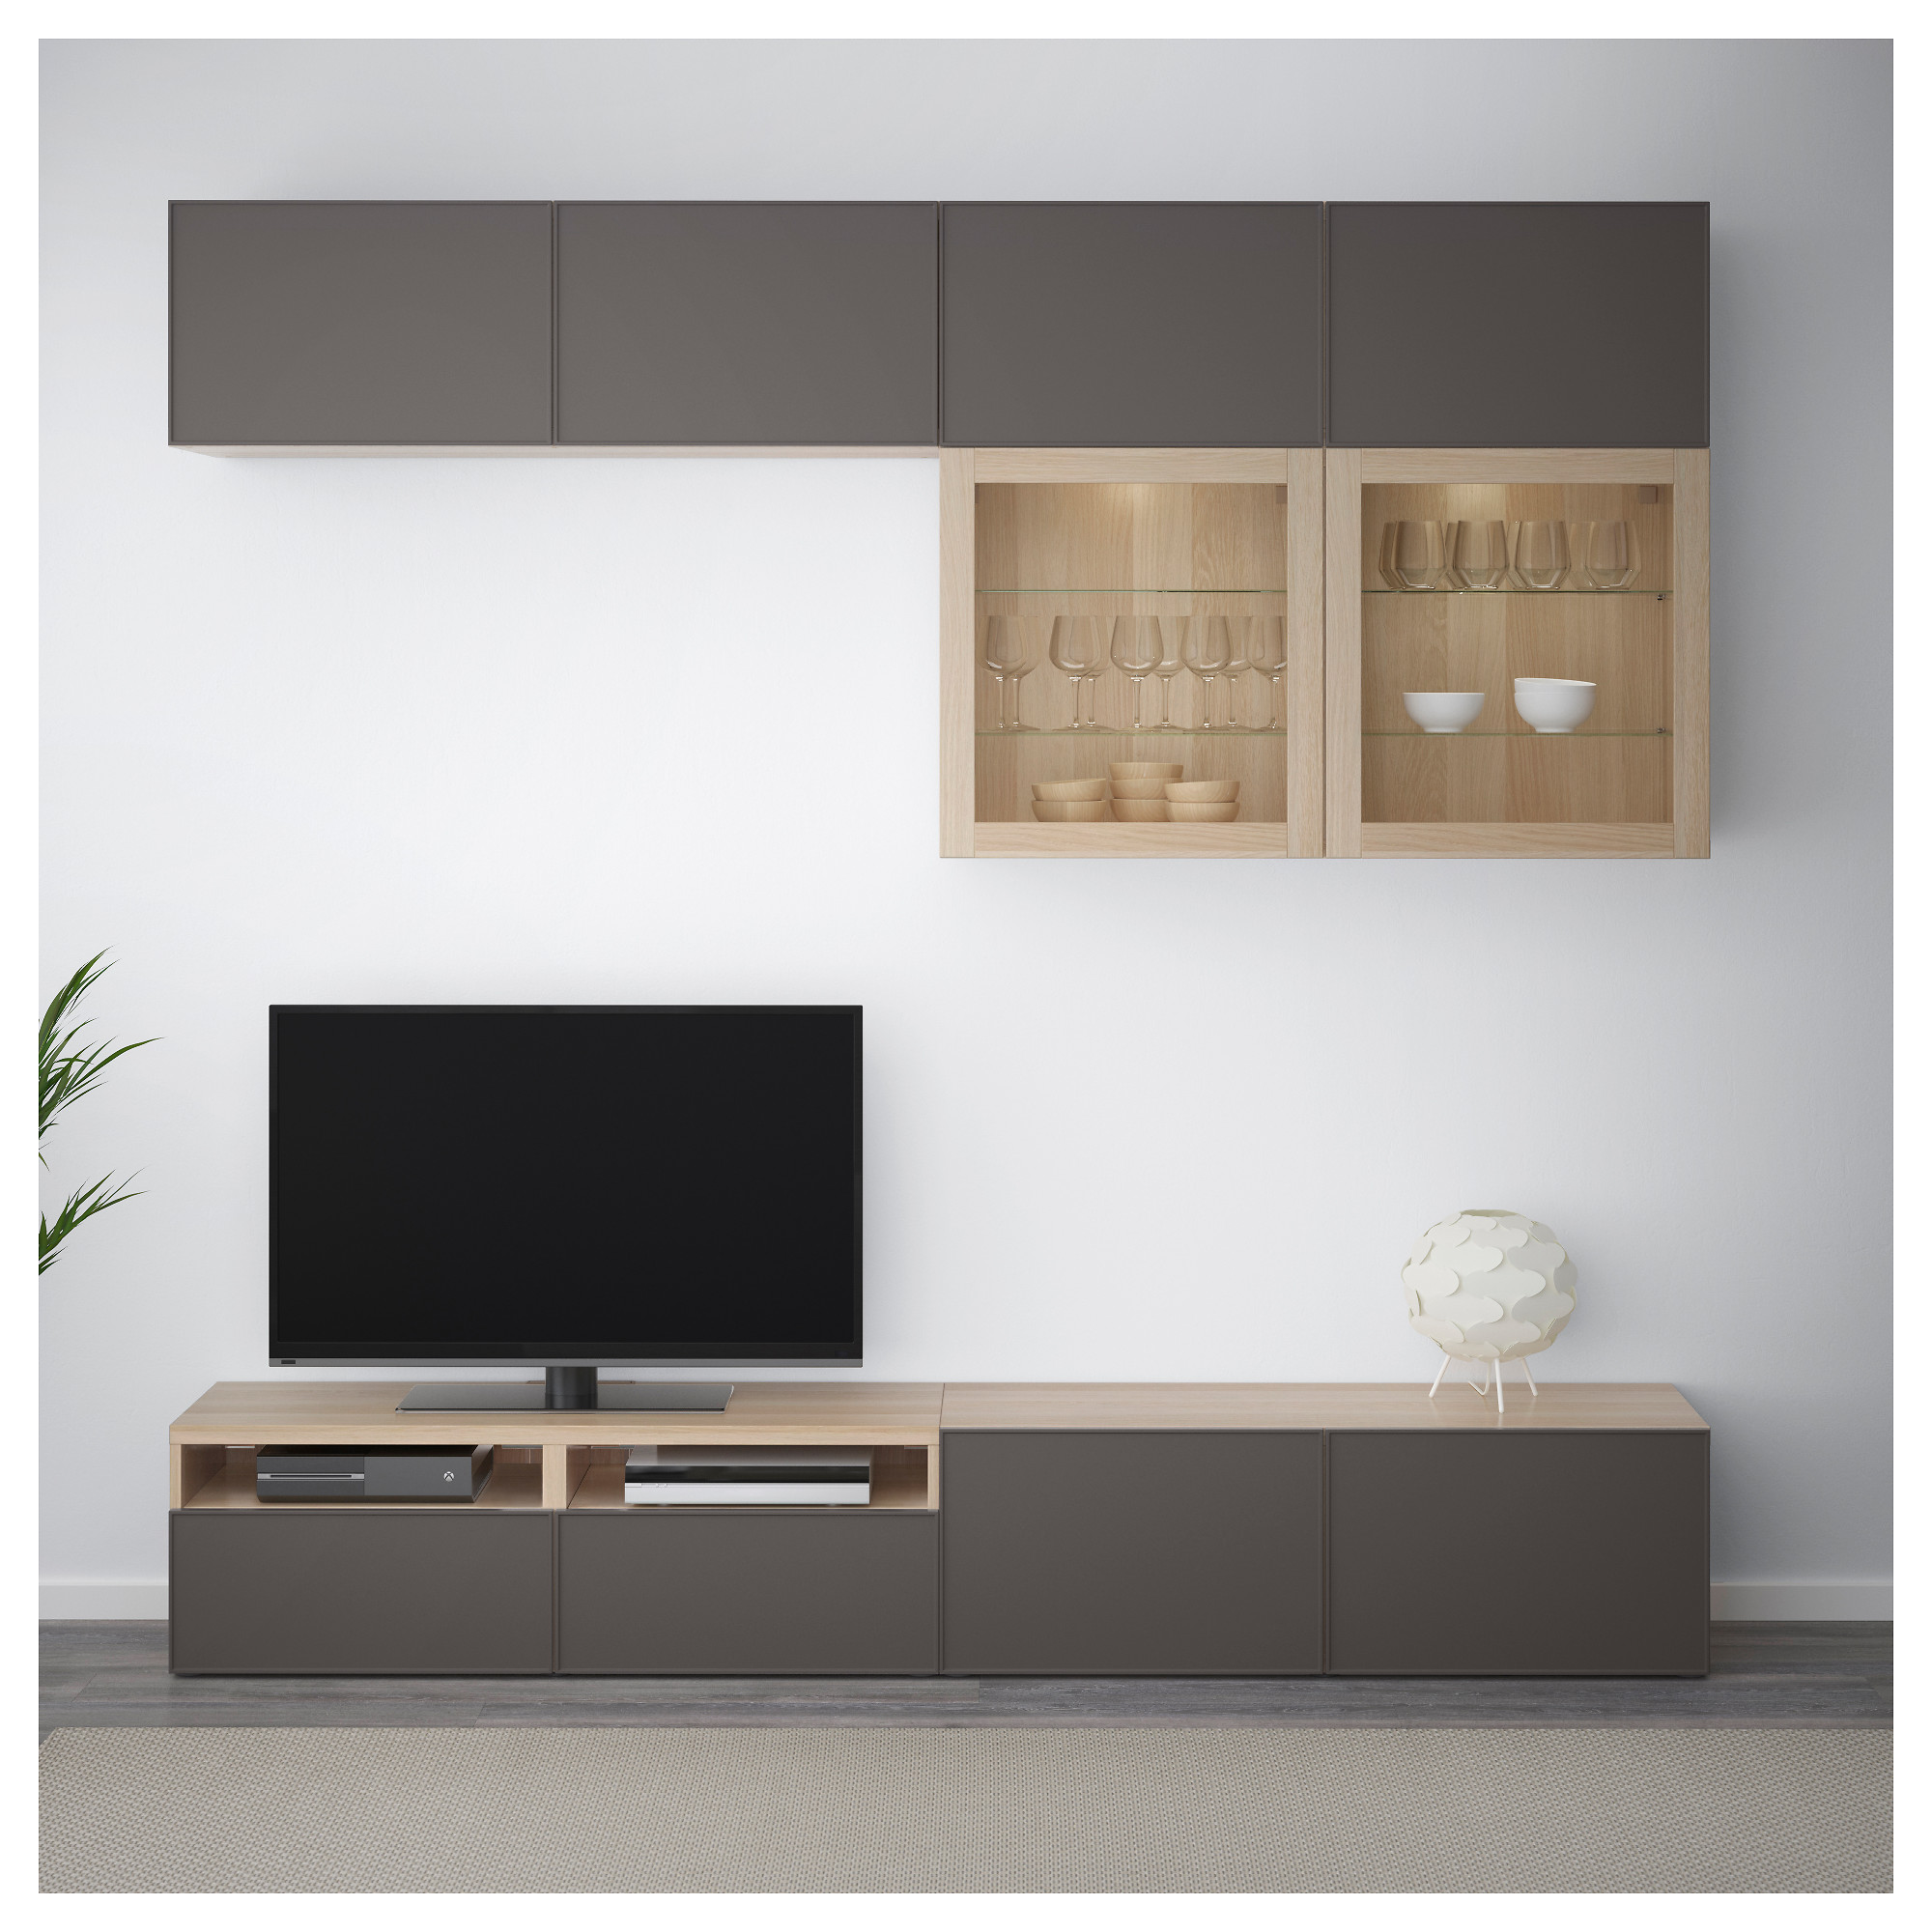 Шкаф для ТВ, комбинированный, стекляные дверцы БЕСТО темно-серый артикуль № 392.522.09 в наличии. Онлайн магазин IKEA Минск. Быстрая доставка и установка.